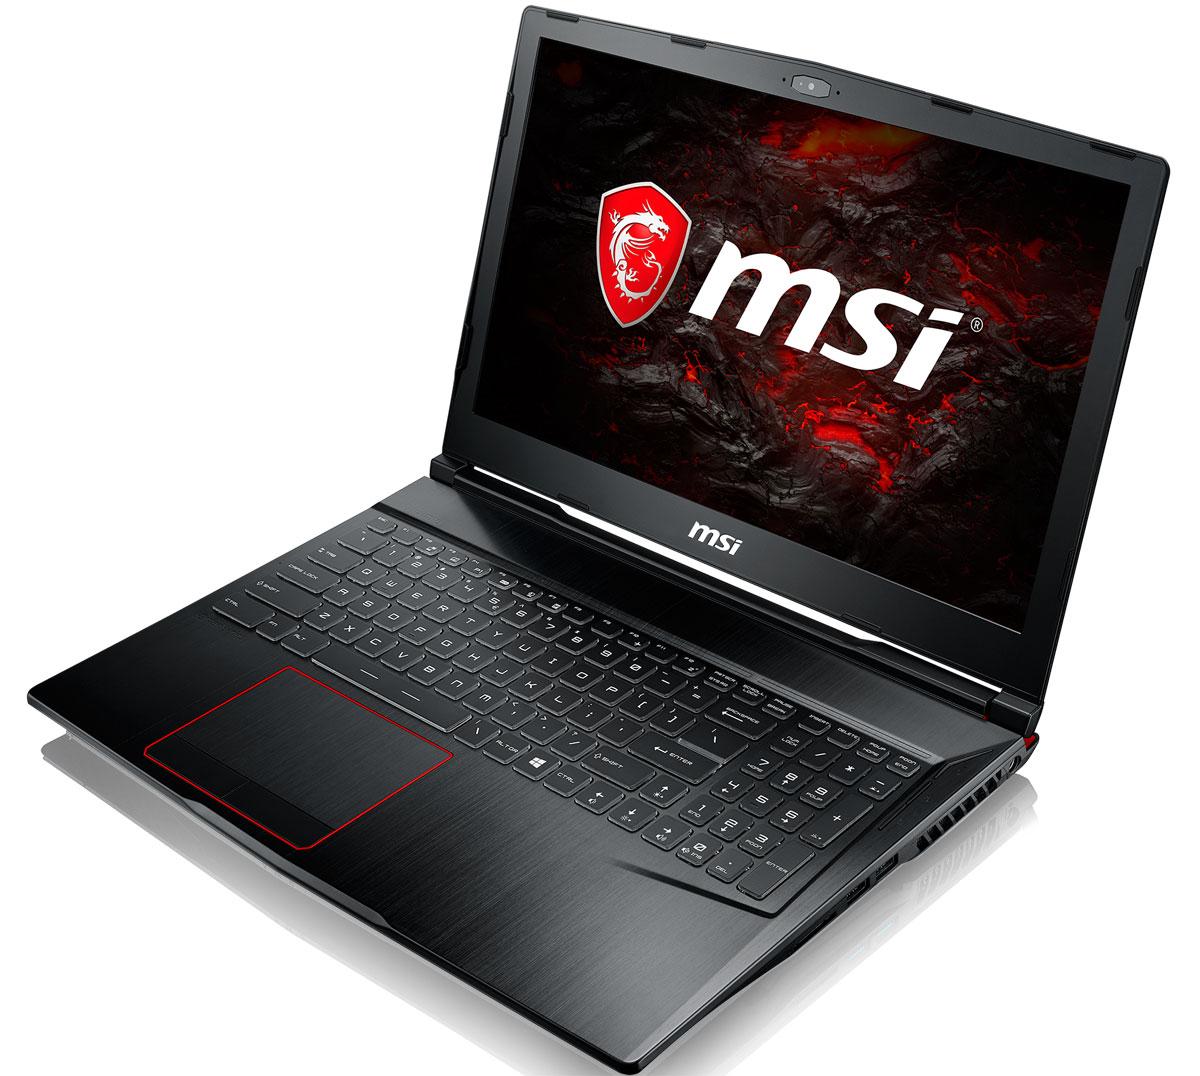 MSI GE63VR 7RF-058RU, BlackGE63VR 7RF-058RUMSI GE63VR 7RF - первый в мире ноутбук с независимой RGB-подсветкой клавиш и игровой клавиатурой Steelseries.Благодаря независимой подсветке клавиш вы сможете контролировать игровую статистику (уровень боекомплекта, здоровья, прочность инструмента и т.д.) прямо на клавиатуре и реагировать на действия соперников быстрее. Каждый нюанс этой клавиатуры продуман под профессионального геймера.Эргономичный дизайн, ход клавиш 1.9 мм, ясный отклик, оптимальная зона WASD, anti-ghosting для 45 клавиш и механическая защита делают клавиатуры ноутбуков MSI Gaming самыми удобными и надёжными в индустрии.Новейшая технология MSI Cooler Boost 5 отличается 2-мя модулями охлаждения, 2-мя вентиляторами Whirlwind Blade, 7-ю тепловыми трубками и 4-мя направлениями выхлопа. Интенсивность и эффективность отвода тепла оптимально согласованы с мощью установленных компонентов. Это позволило достичь повышенной производительности и сниженной температуры видеокарты уровня GTX 1070.Новые гигантские динамики в составе первоклассной акустической системы Dynaudio позволят ощутить рёв моторов, взрывы и падения зданий в игре как никогда явственно. 2 динамика + 2 вуфера в независимых резонансных камерах создают невероятно реалистичное звучание аудиоэффектов.Стильный шлифованный алюминиевый корпус прекрасно подчёркивает эстетику и мощь этой игровой машины.По ожиданиям экспертов производительность новой GeForce GTX 1070 должна более чем на 40% превысить показатели графических карт GeForce GTX 900M Series. Благодаря инновационной системе охлаждения Cooler Boost и специальным геймерским технологиям, применённым в игровых ноутбуках MSI Gaming, графическая карта новейшего поколения NVIDIA GeForce GTX 1070 сможет продемонстрировать всю свою мощь без остатка.Являясь единственными игровыми ноутбуками с дисплеем 120Гц/3мс, серия GE станет твоим надёжным компаньоном, который не даст упустить ни одной детали во время динамичного геймплея. Частота обновления экрана 12 Гц и 